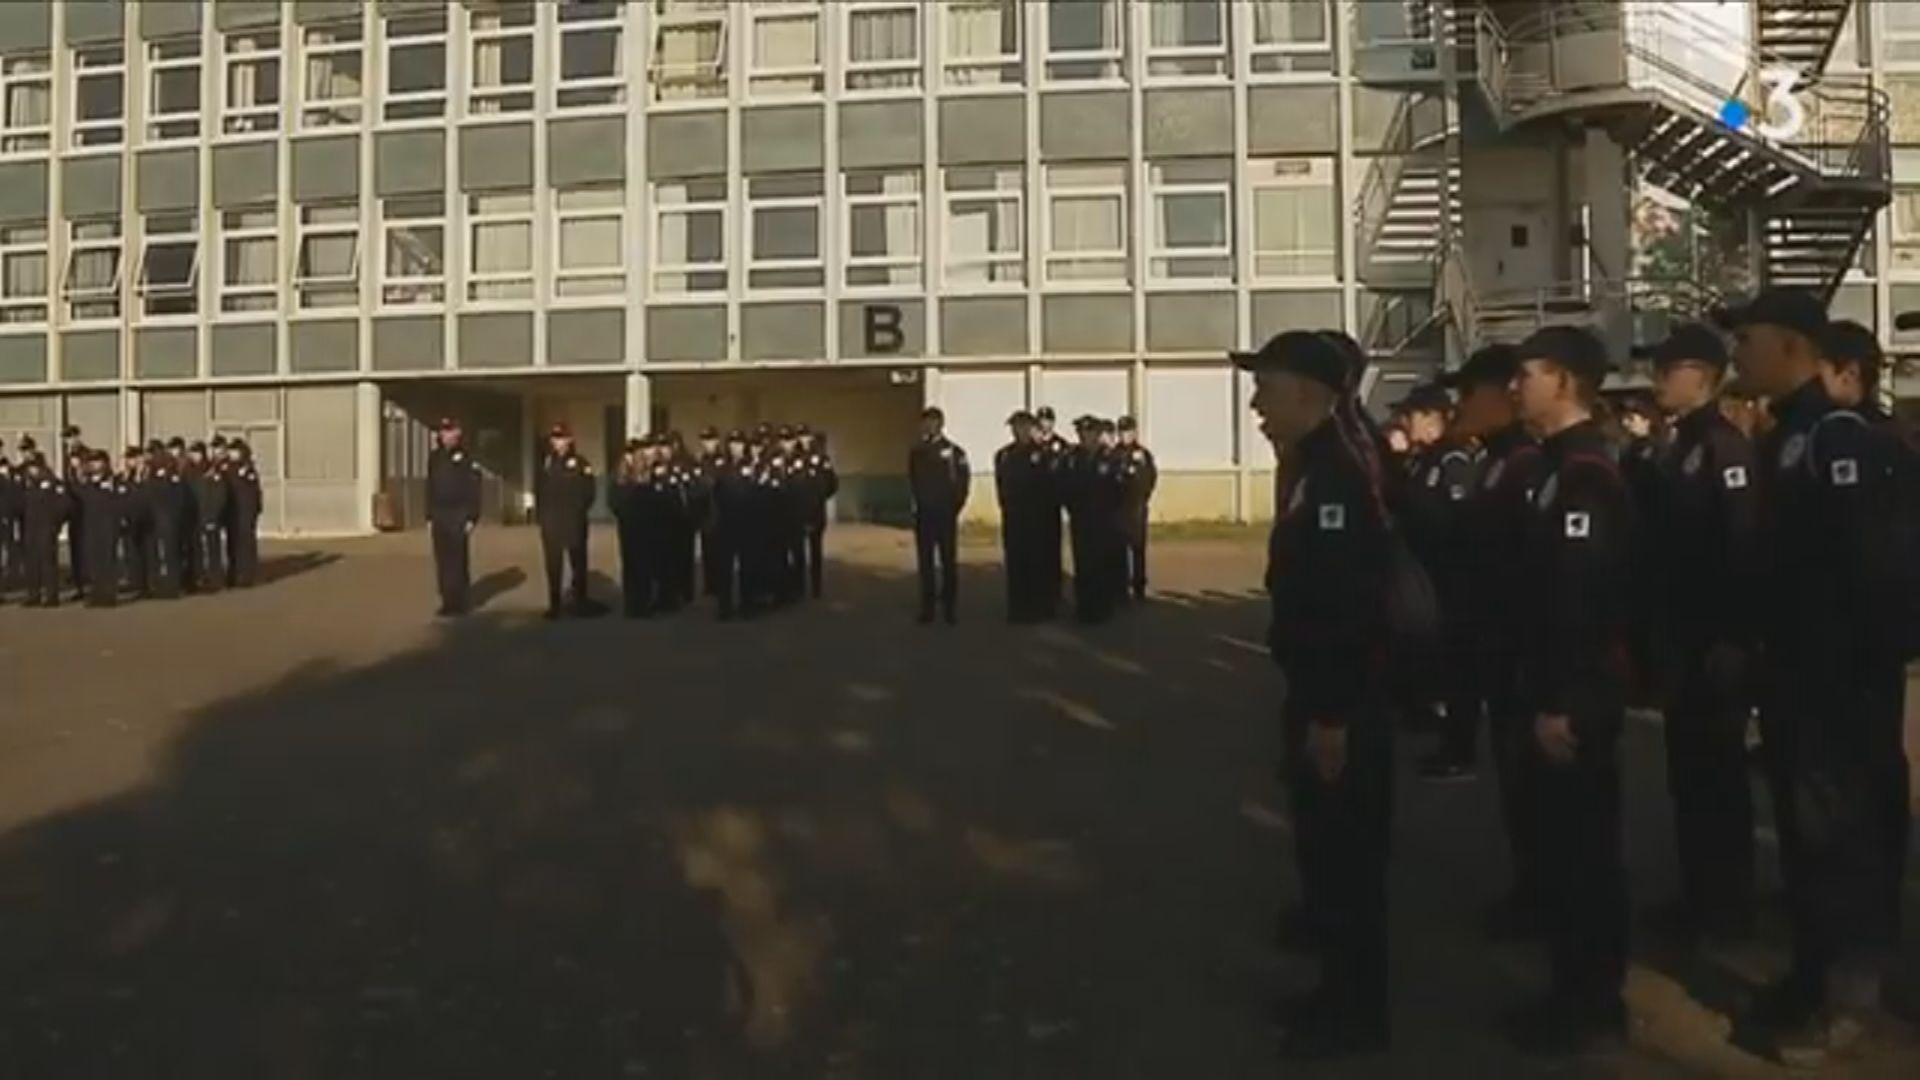 【即日焦點】兩醫院警崗齊關 警指臨時措施;法國將強制年輕國民參與唱國歌等國民服務挨批